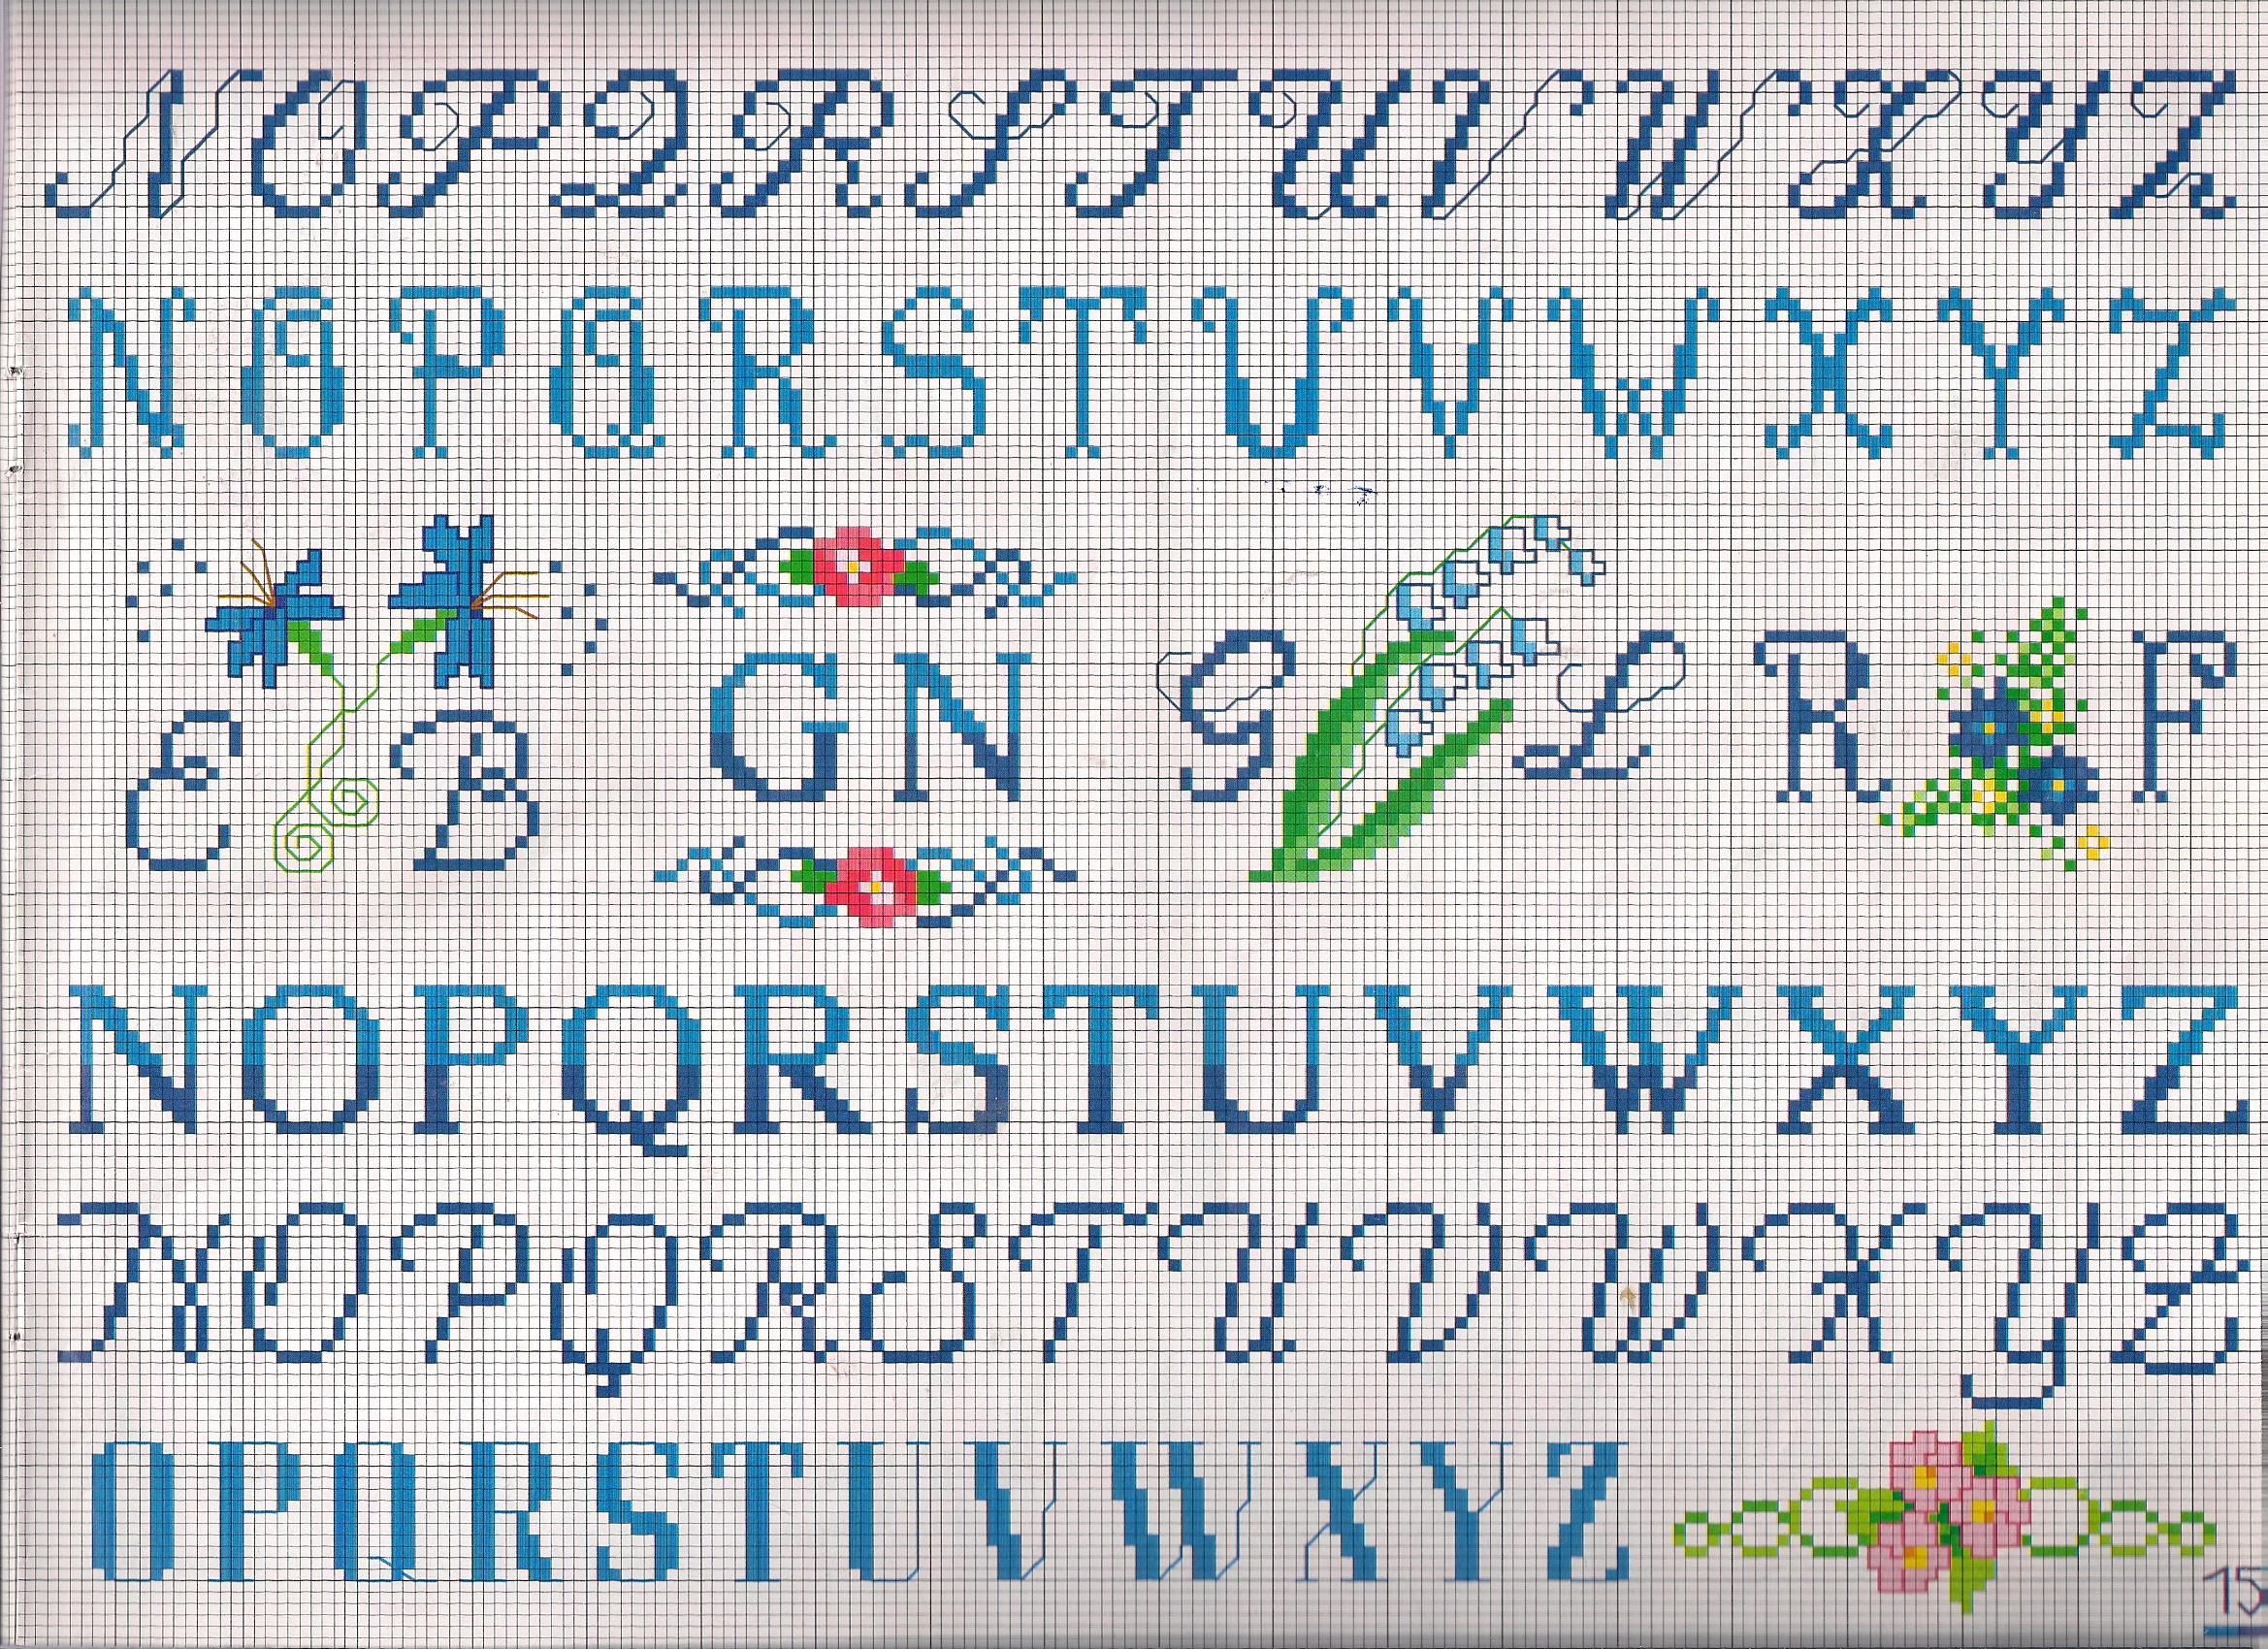 Alfabeto iniziali fiorellini punto croce for Alfabeto a punto croce schemi